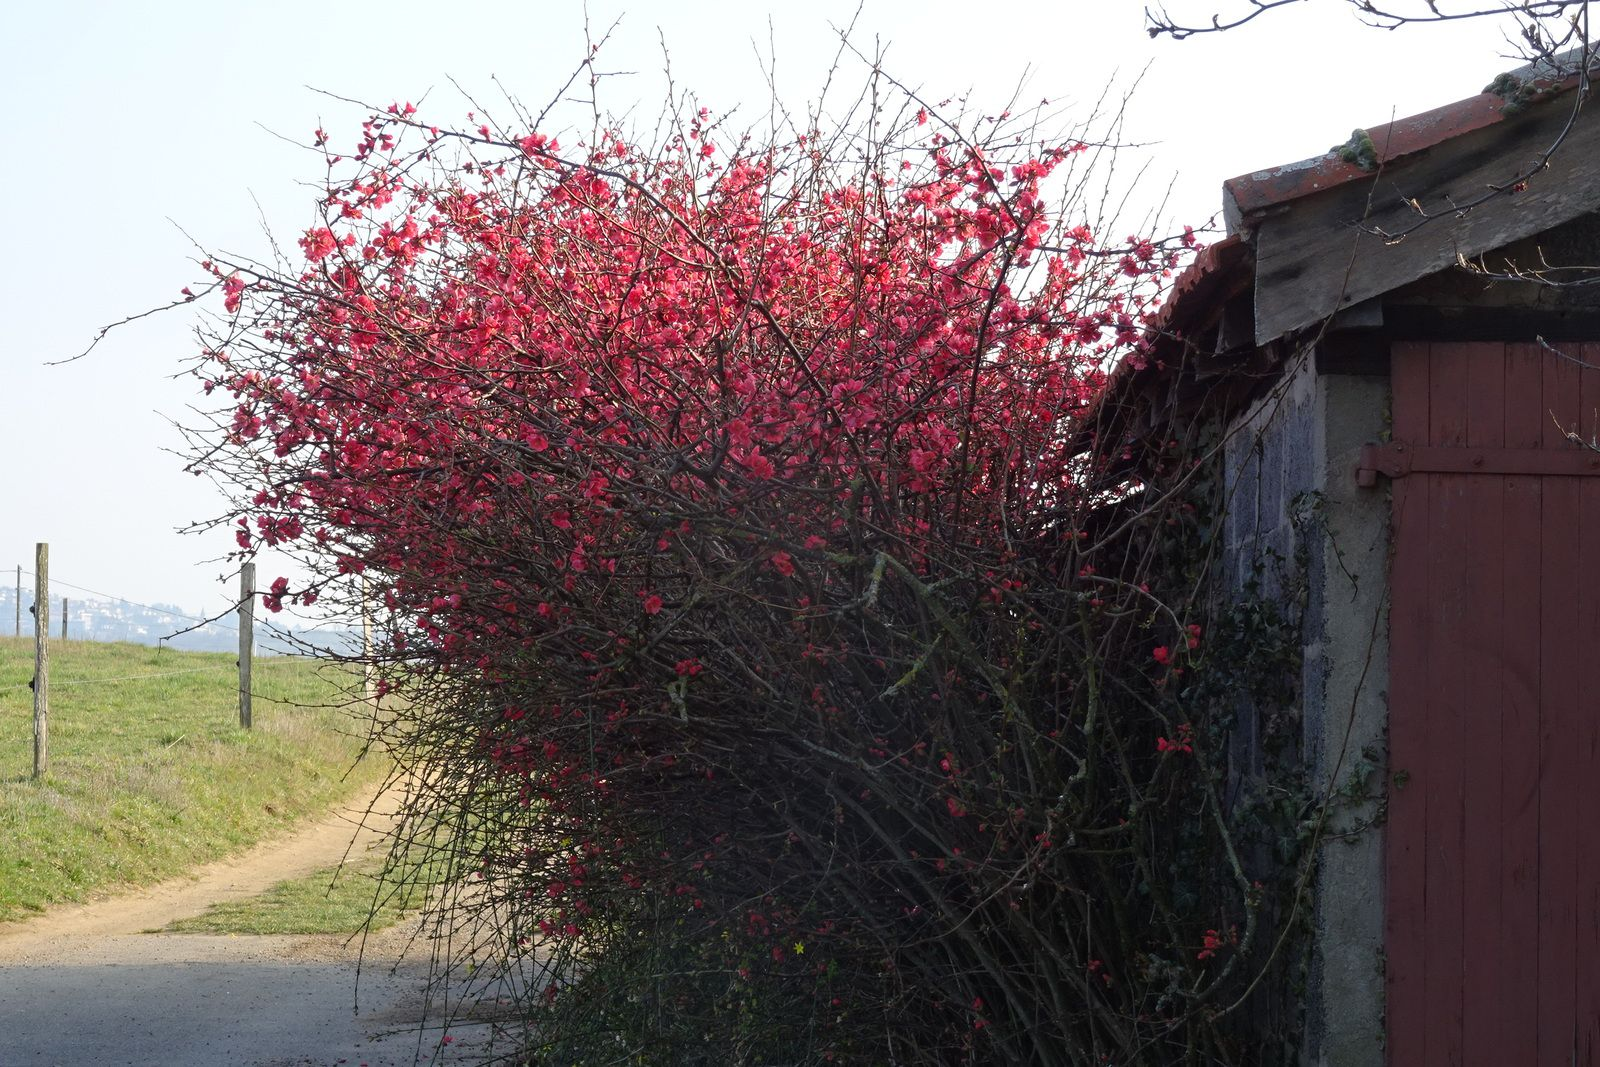 Dan n'était pas avec moi car son amortisseur est en révision. Pour finir la sortie en beauté, le soleil se lève enfin et magnifie cet arbuste fleuri.